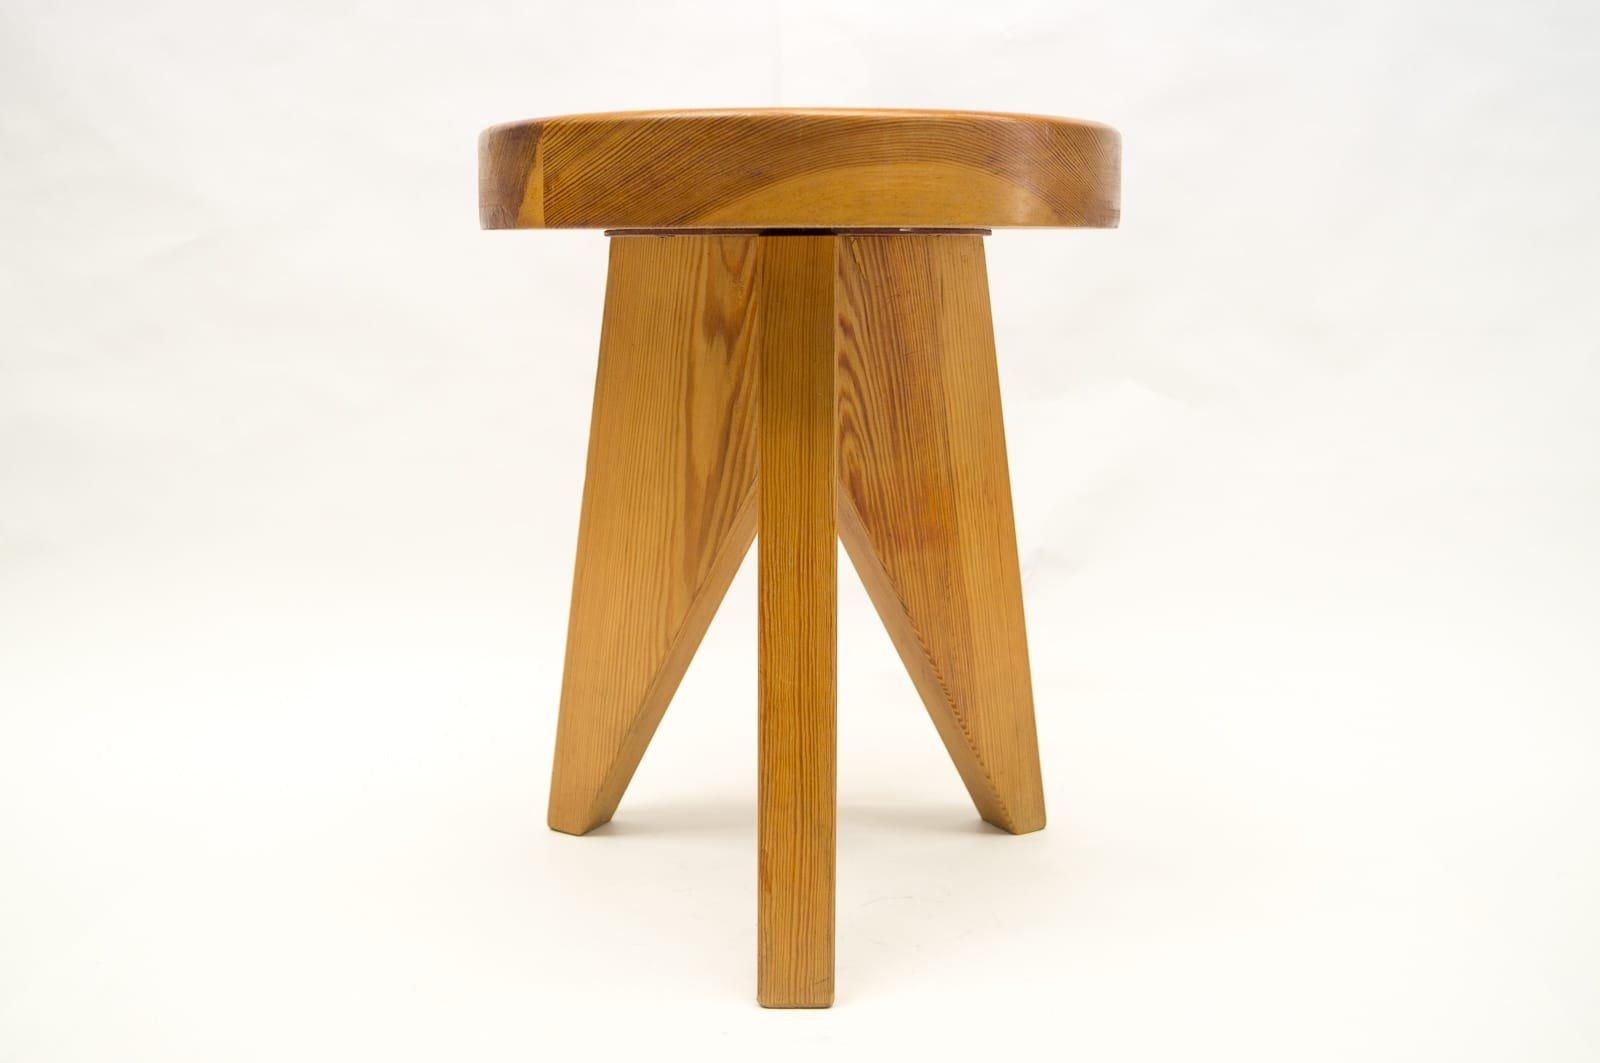 franz sischer dreibein hocker aus holz 1960er bei pamono. Black Bedroom Furniture Sets. Home Design Ideas